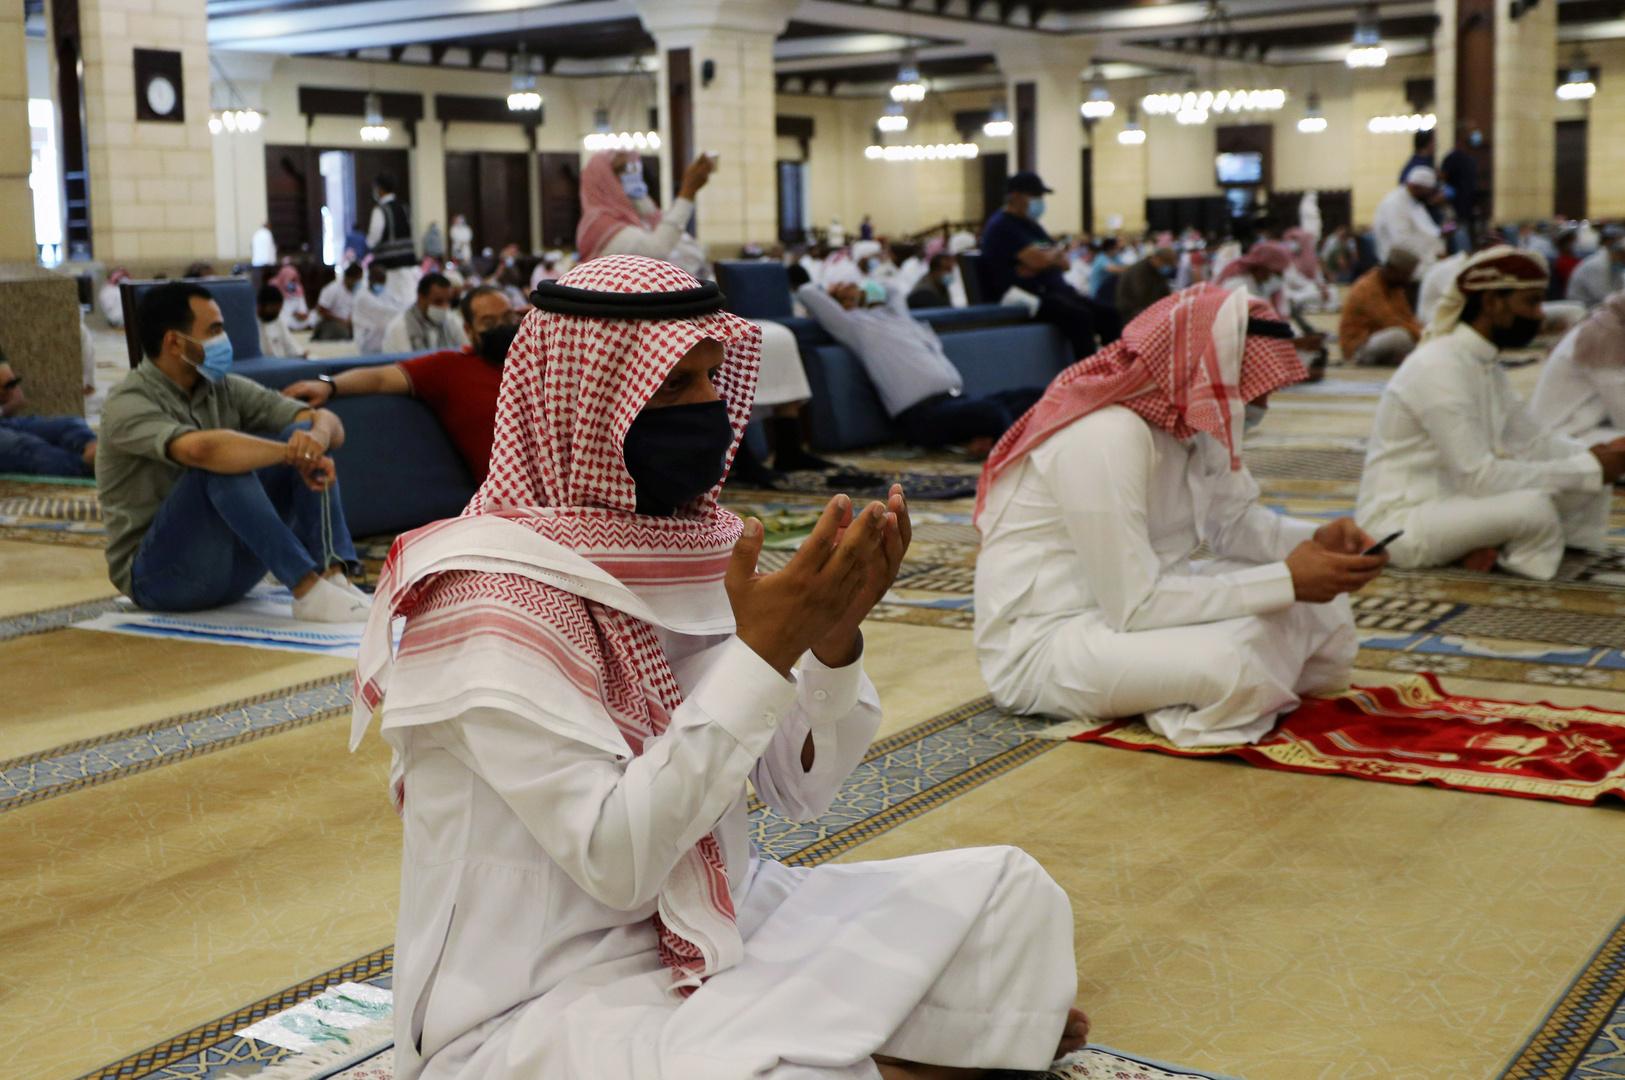 بعد الكشف عن إصابات بكورونا بين المصلين إغلاق 8 مساجد بالسعودية